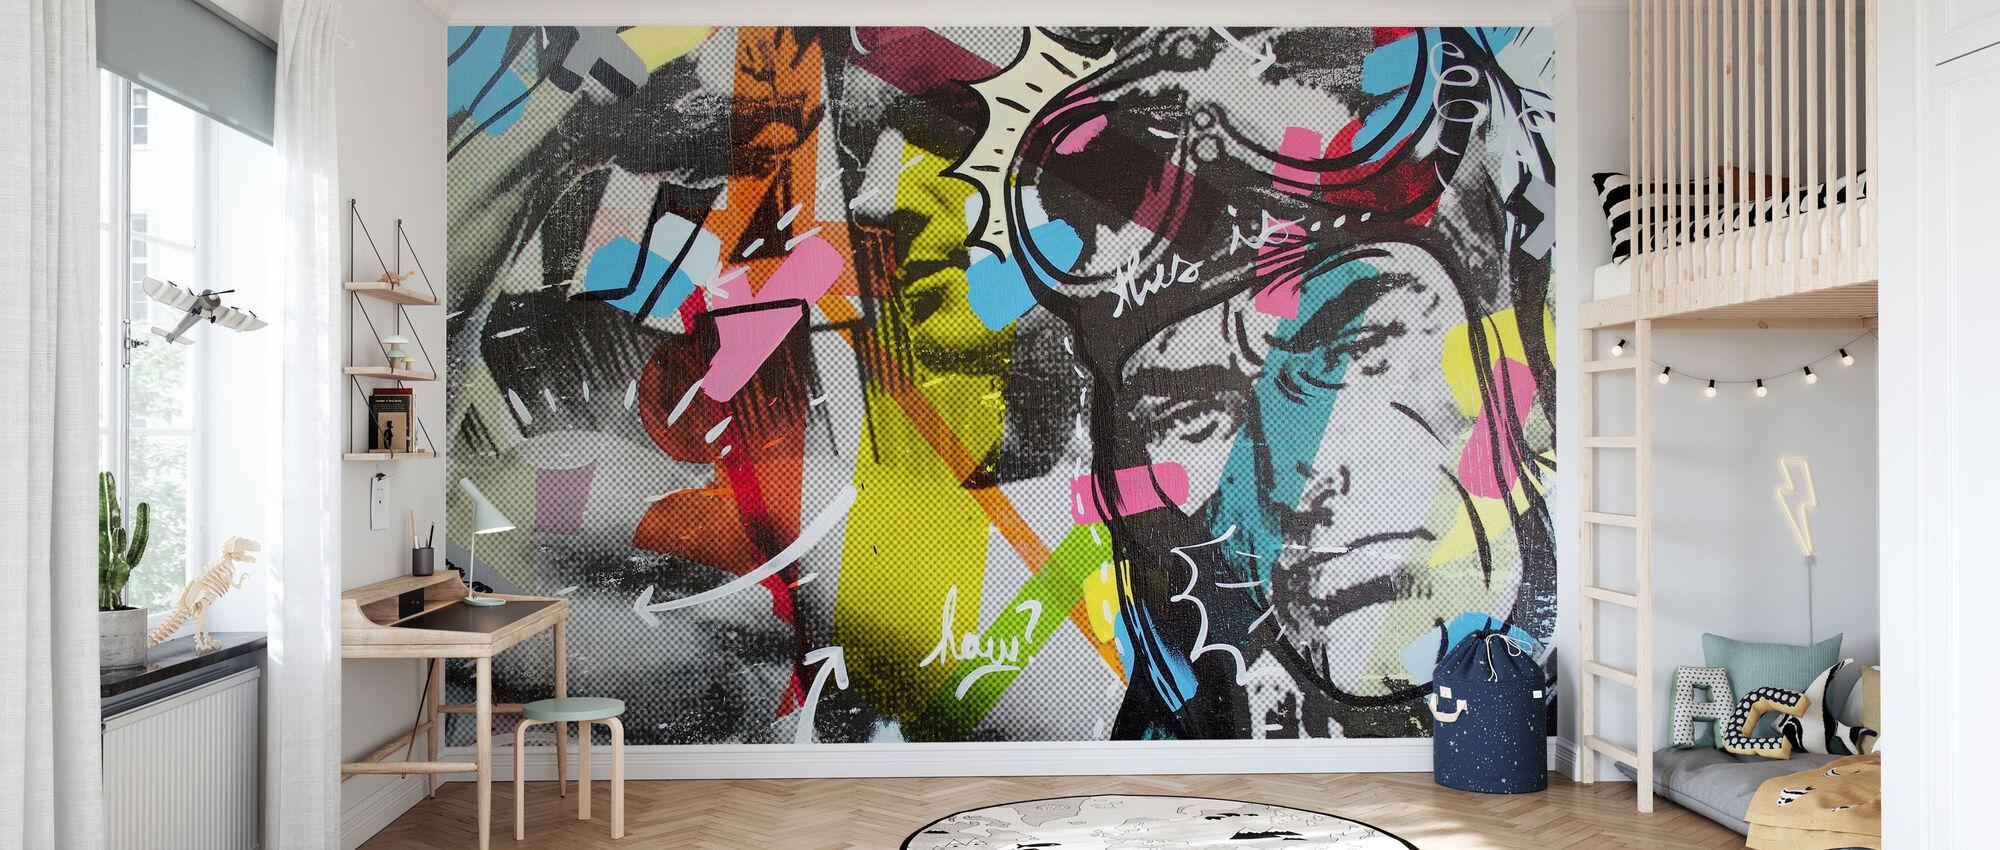 Strongman - Wallpaper - Kids Room